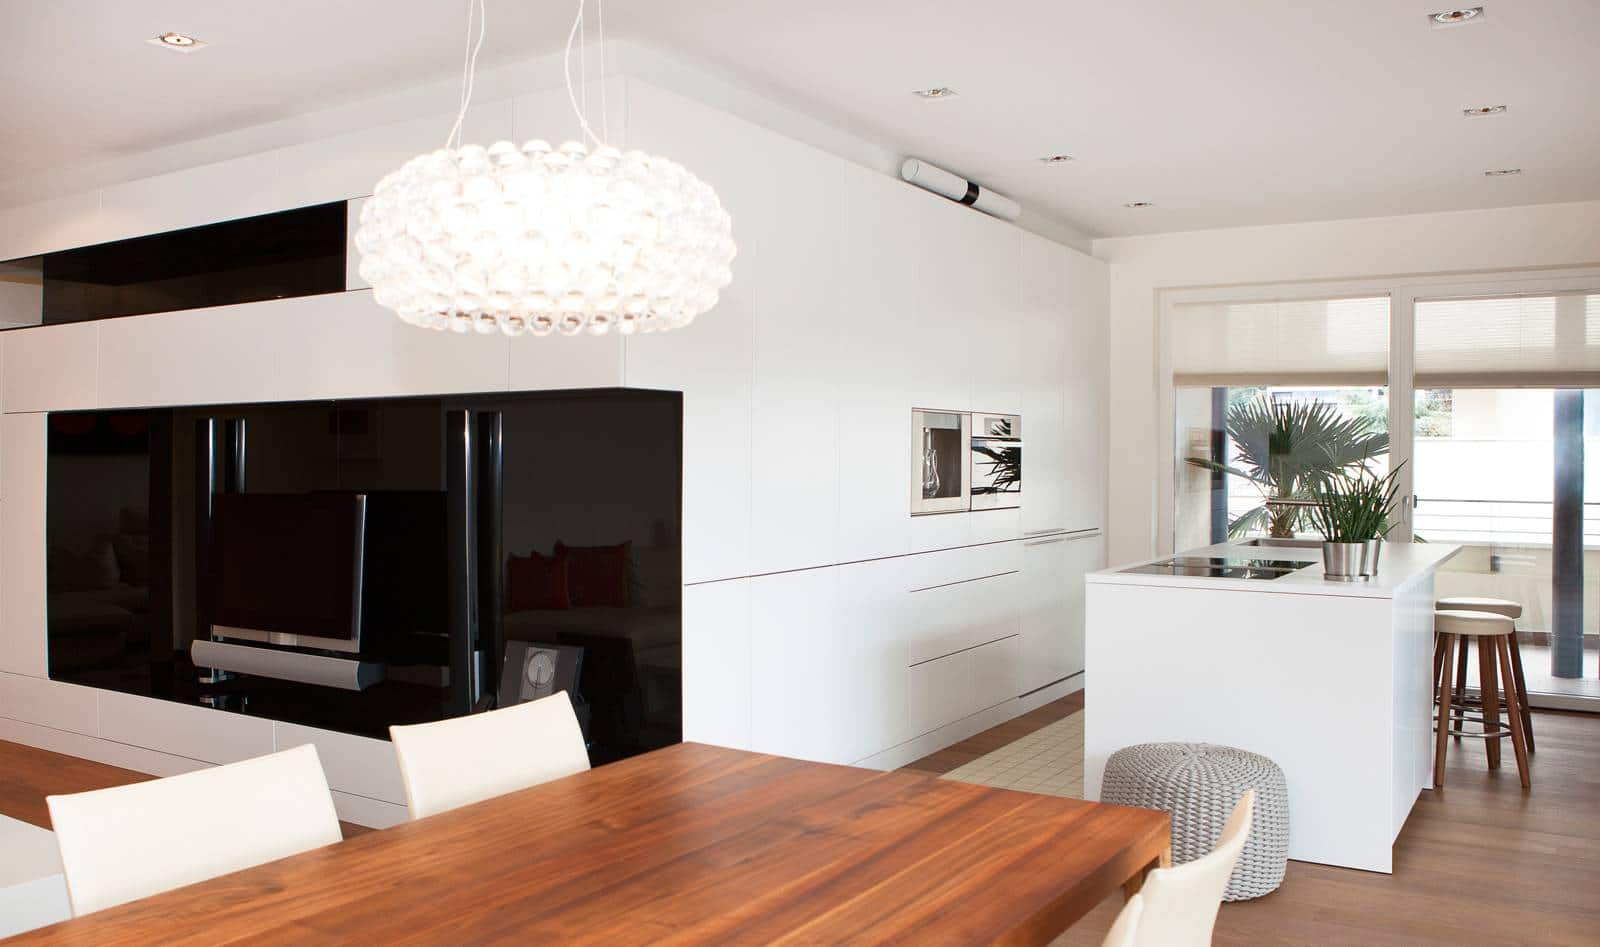 Dise o de planos de apartamento e interior construye hogar for Comedor y cocina modernos